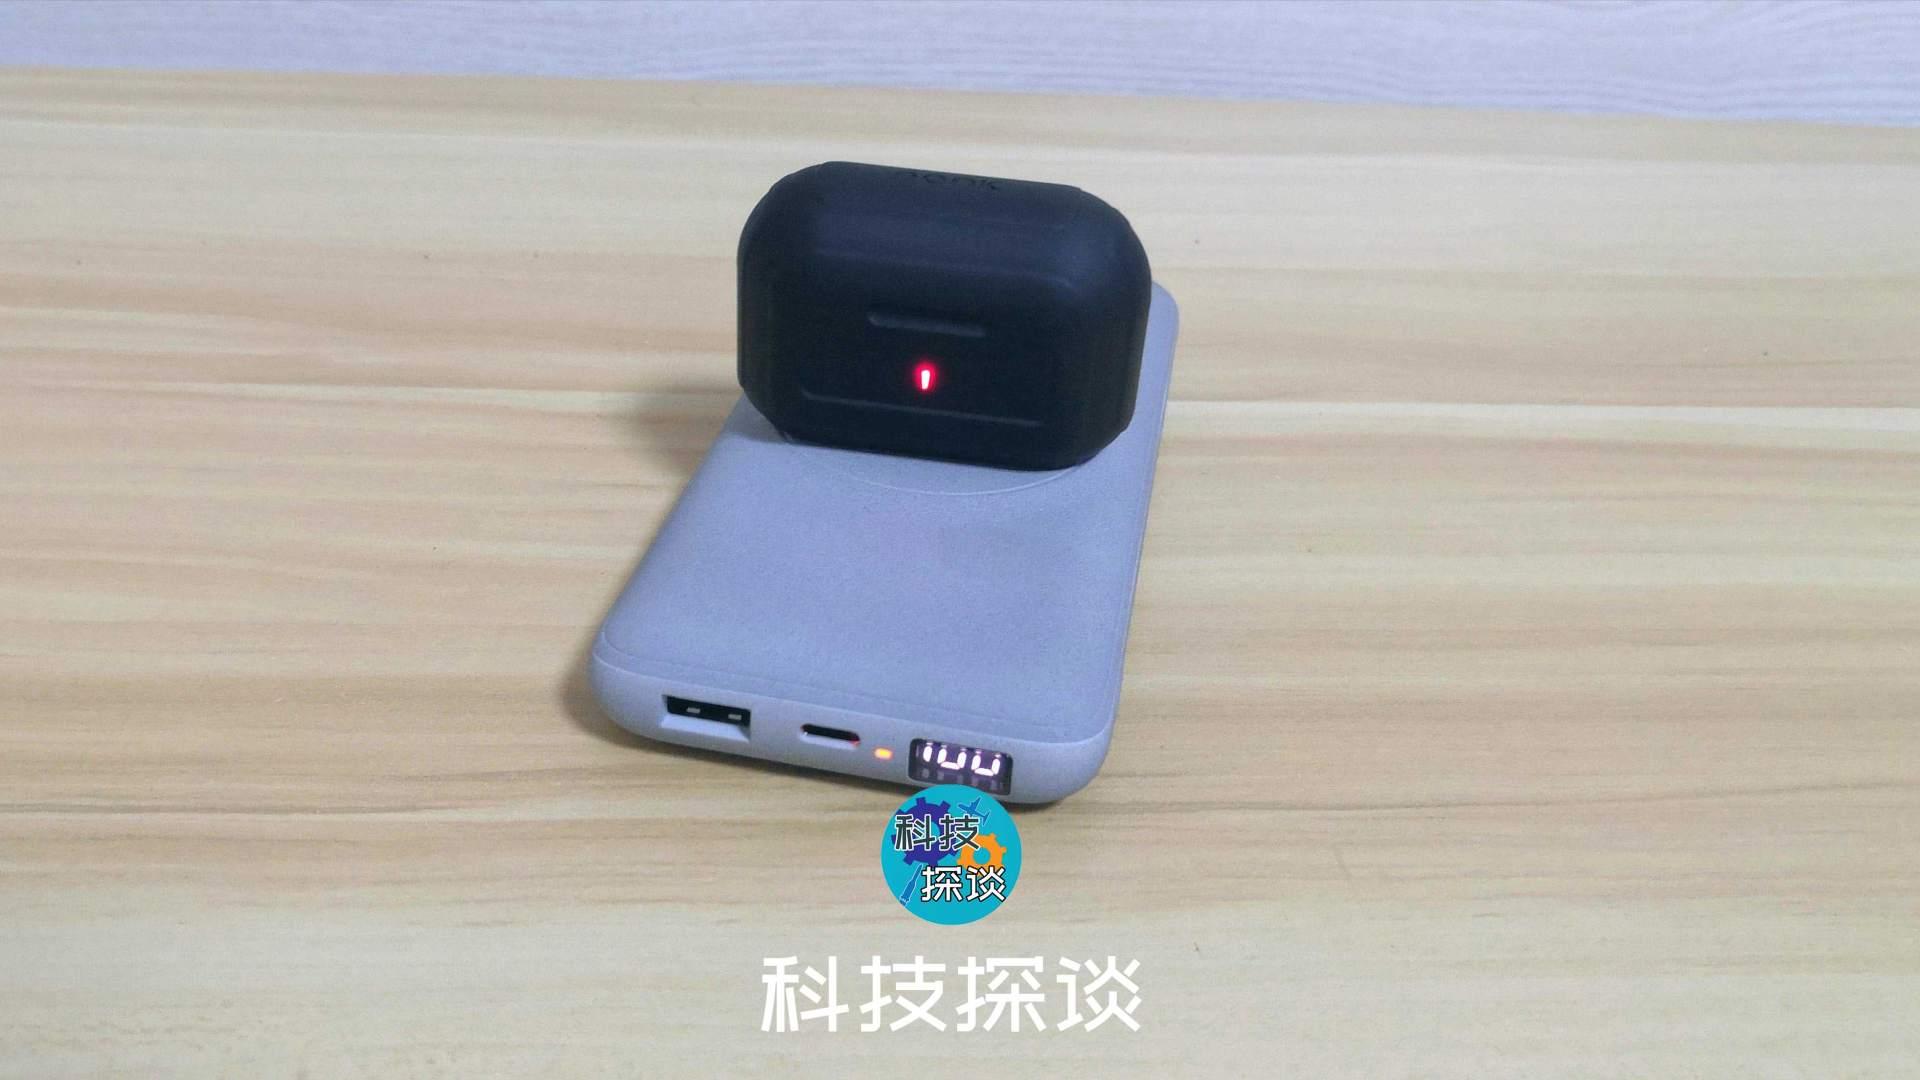 从国产品牌无线充电宝看苹果影响力,南卡Power3体验